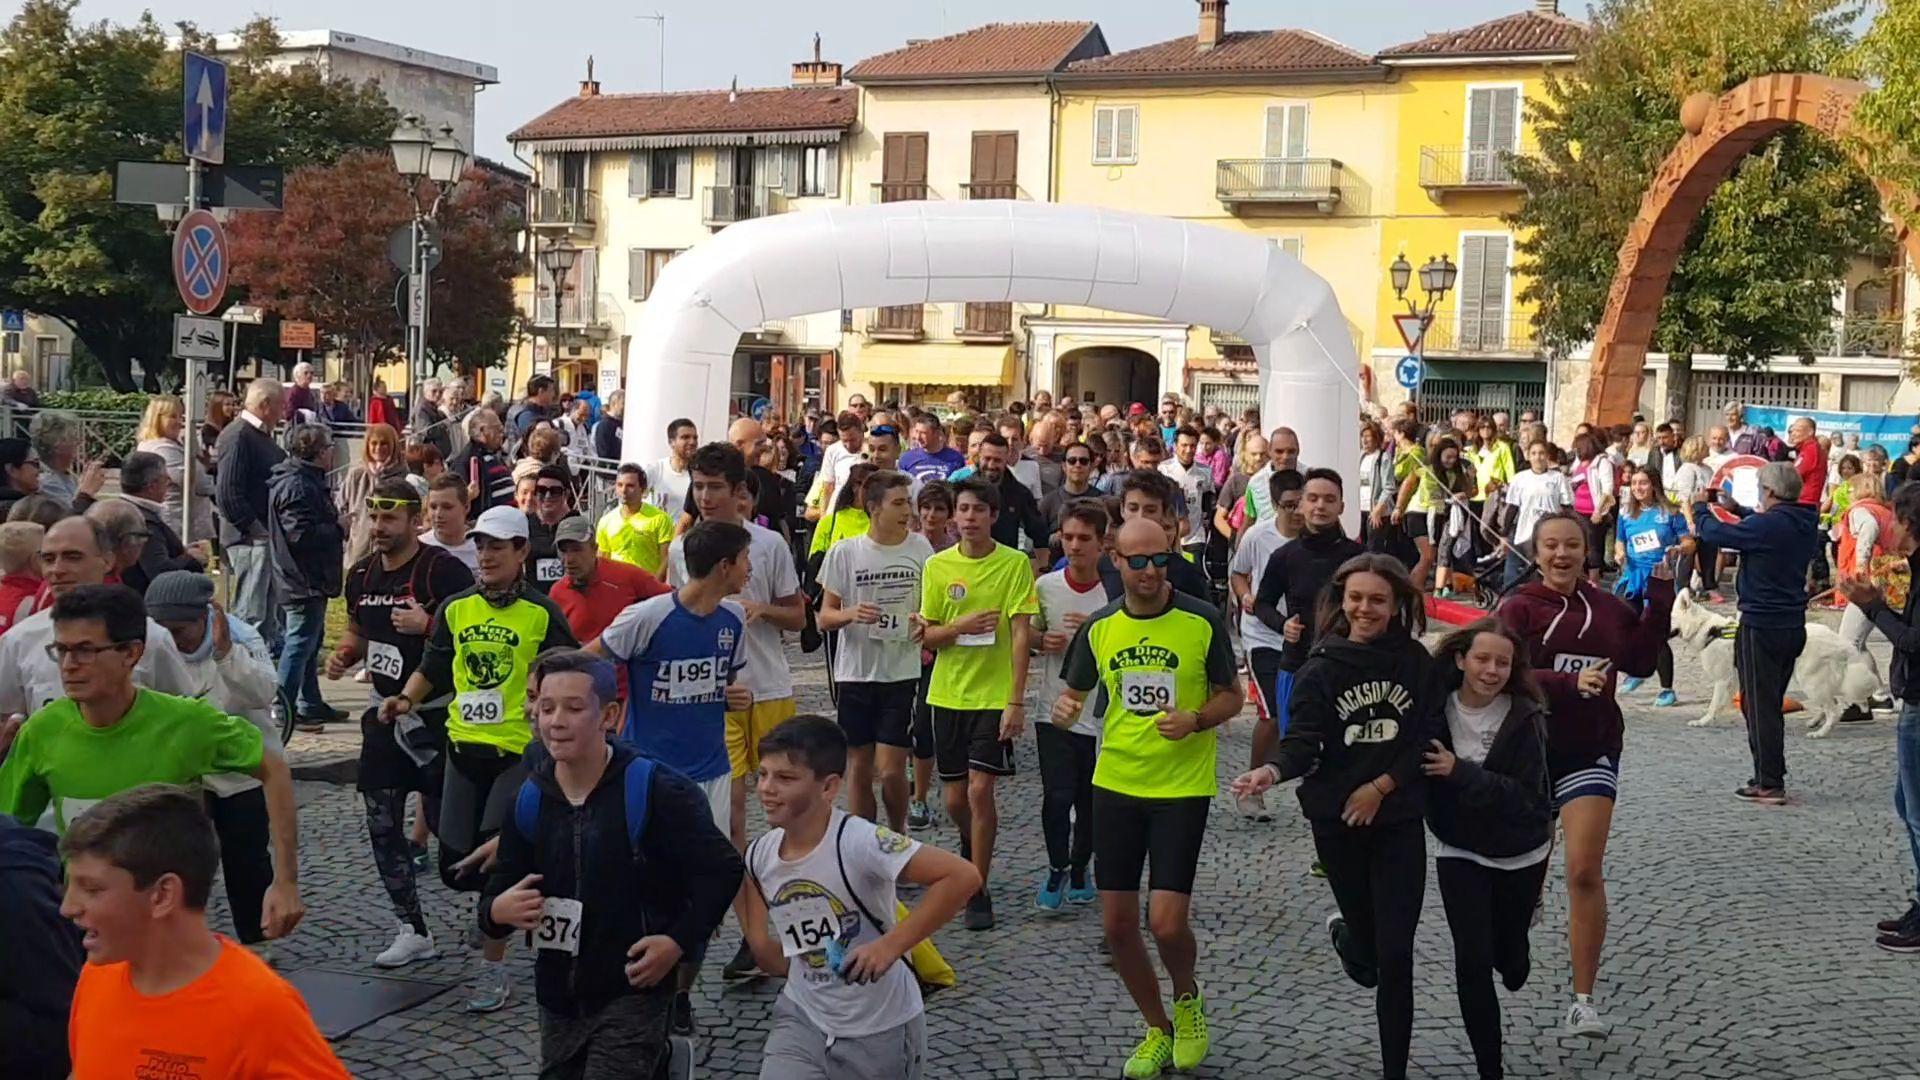 CASTELLAMONTE - In 400 per fare del bene con Cammin'Arte - FOTO e VIDEO